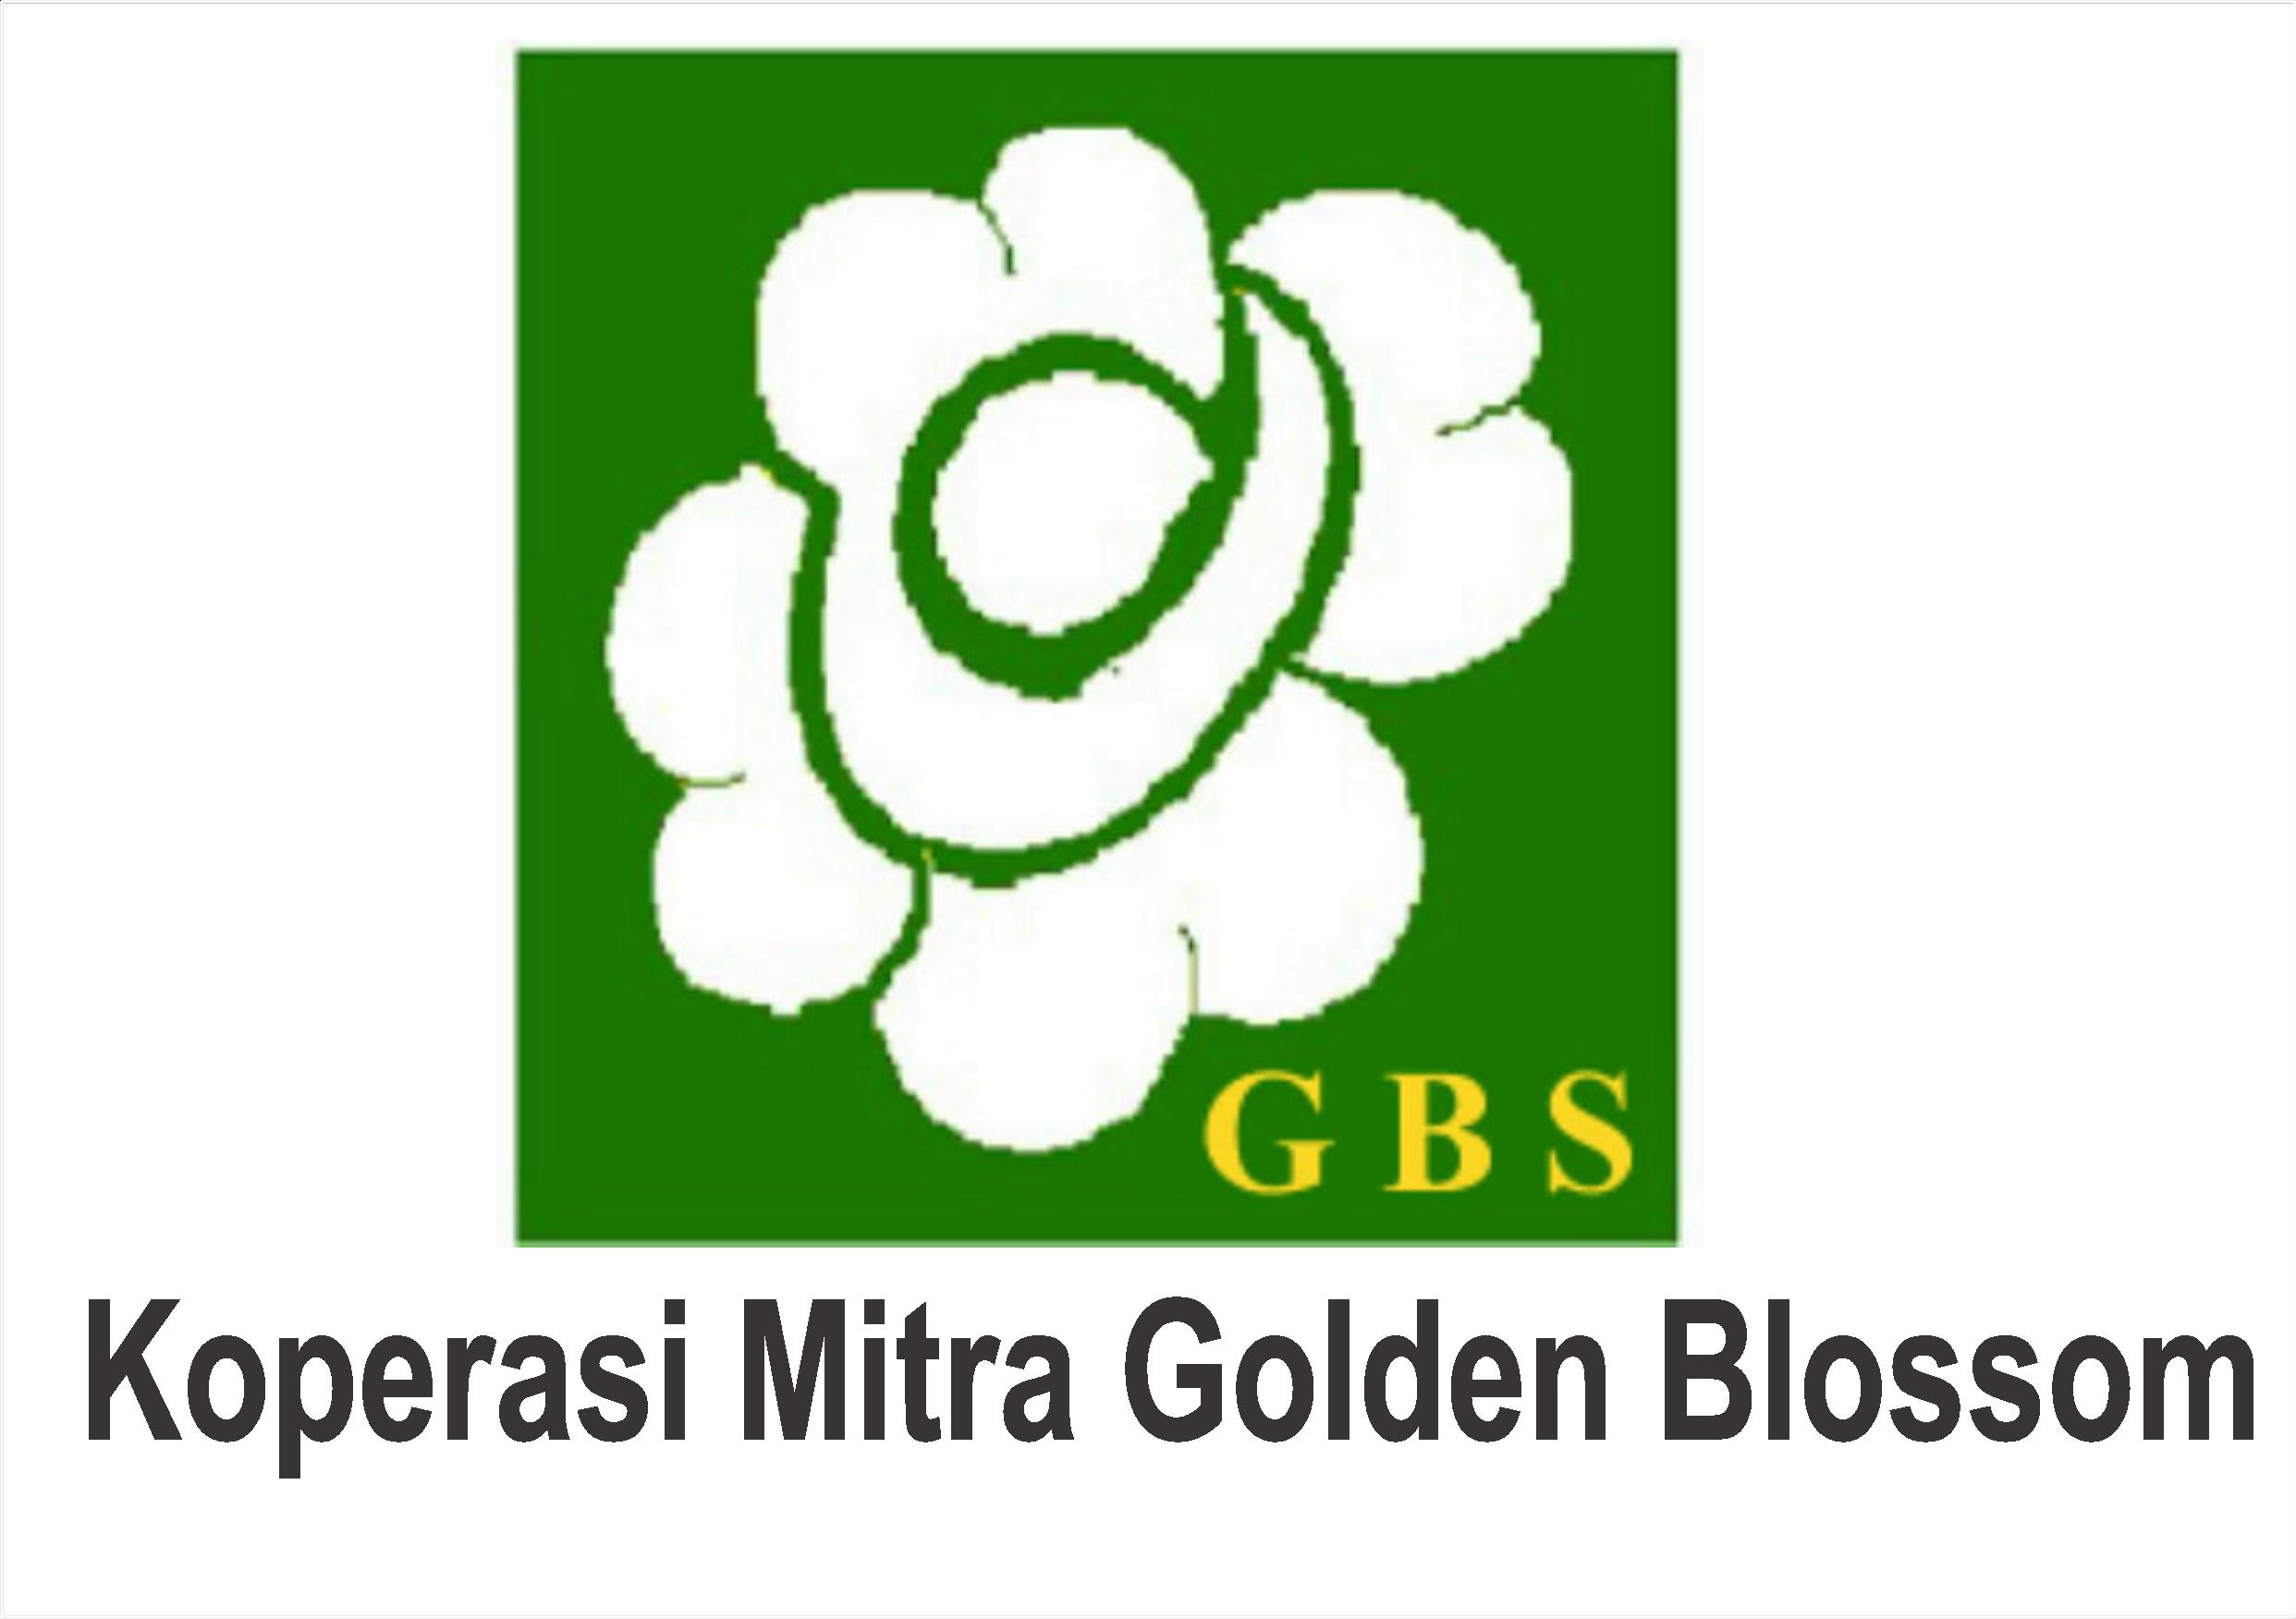 Koperasi Mitra Golden Blossom